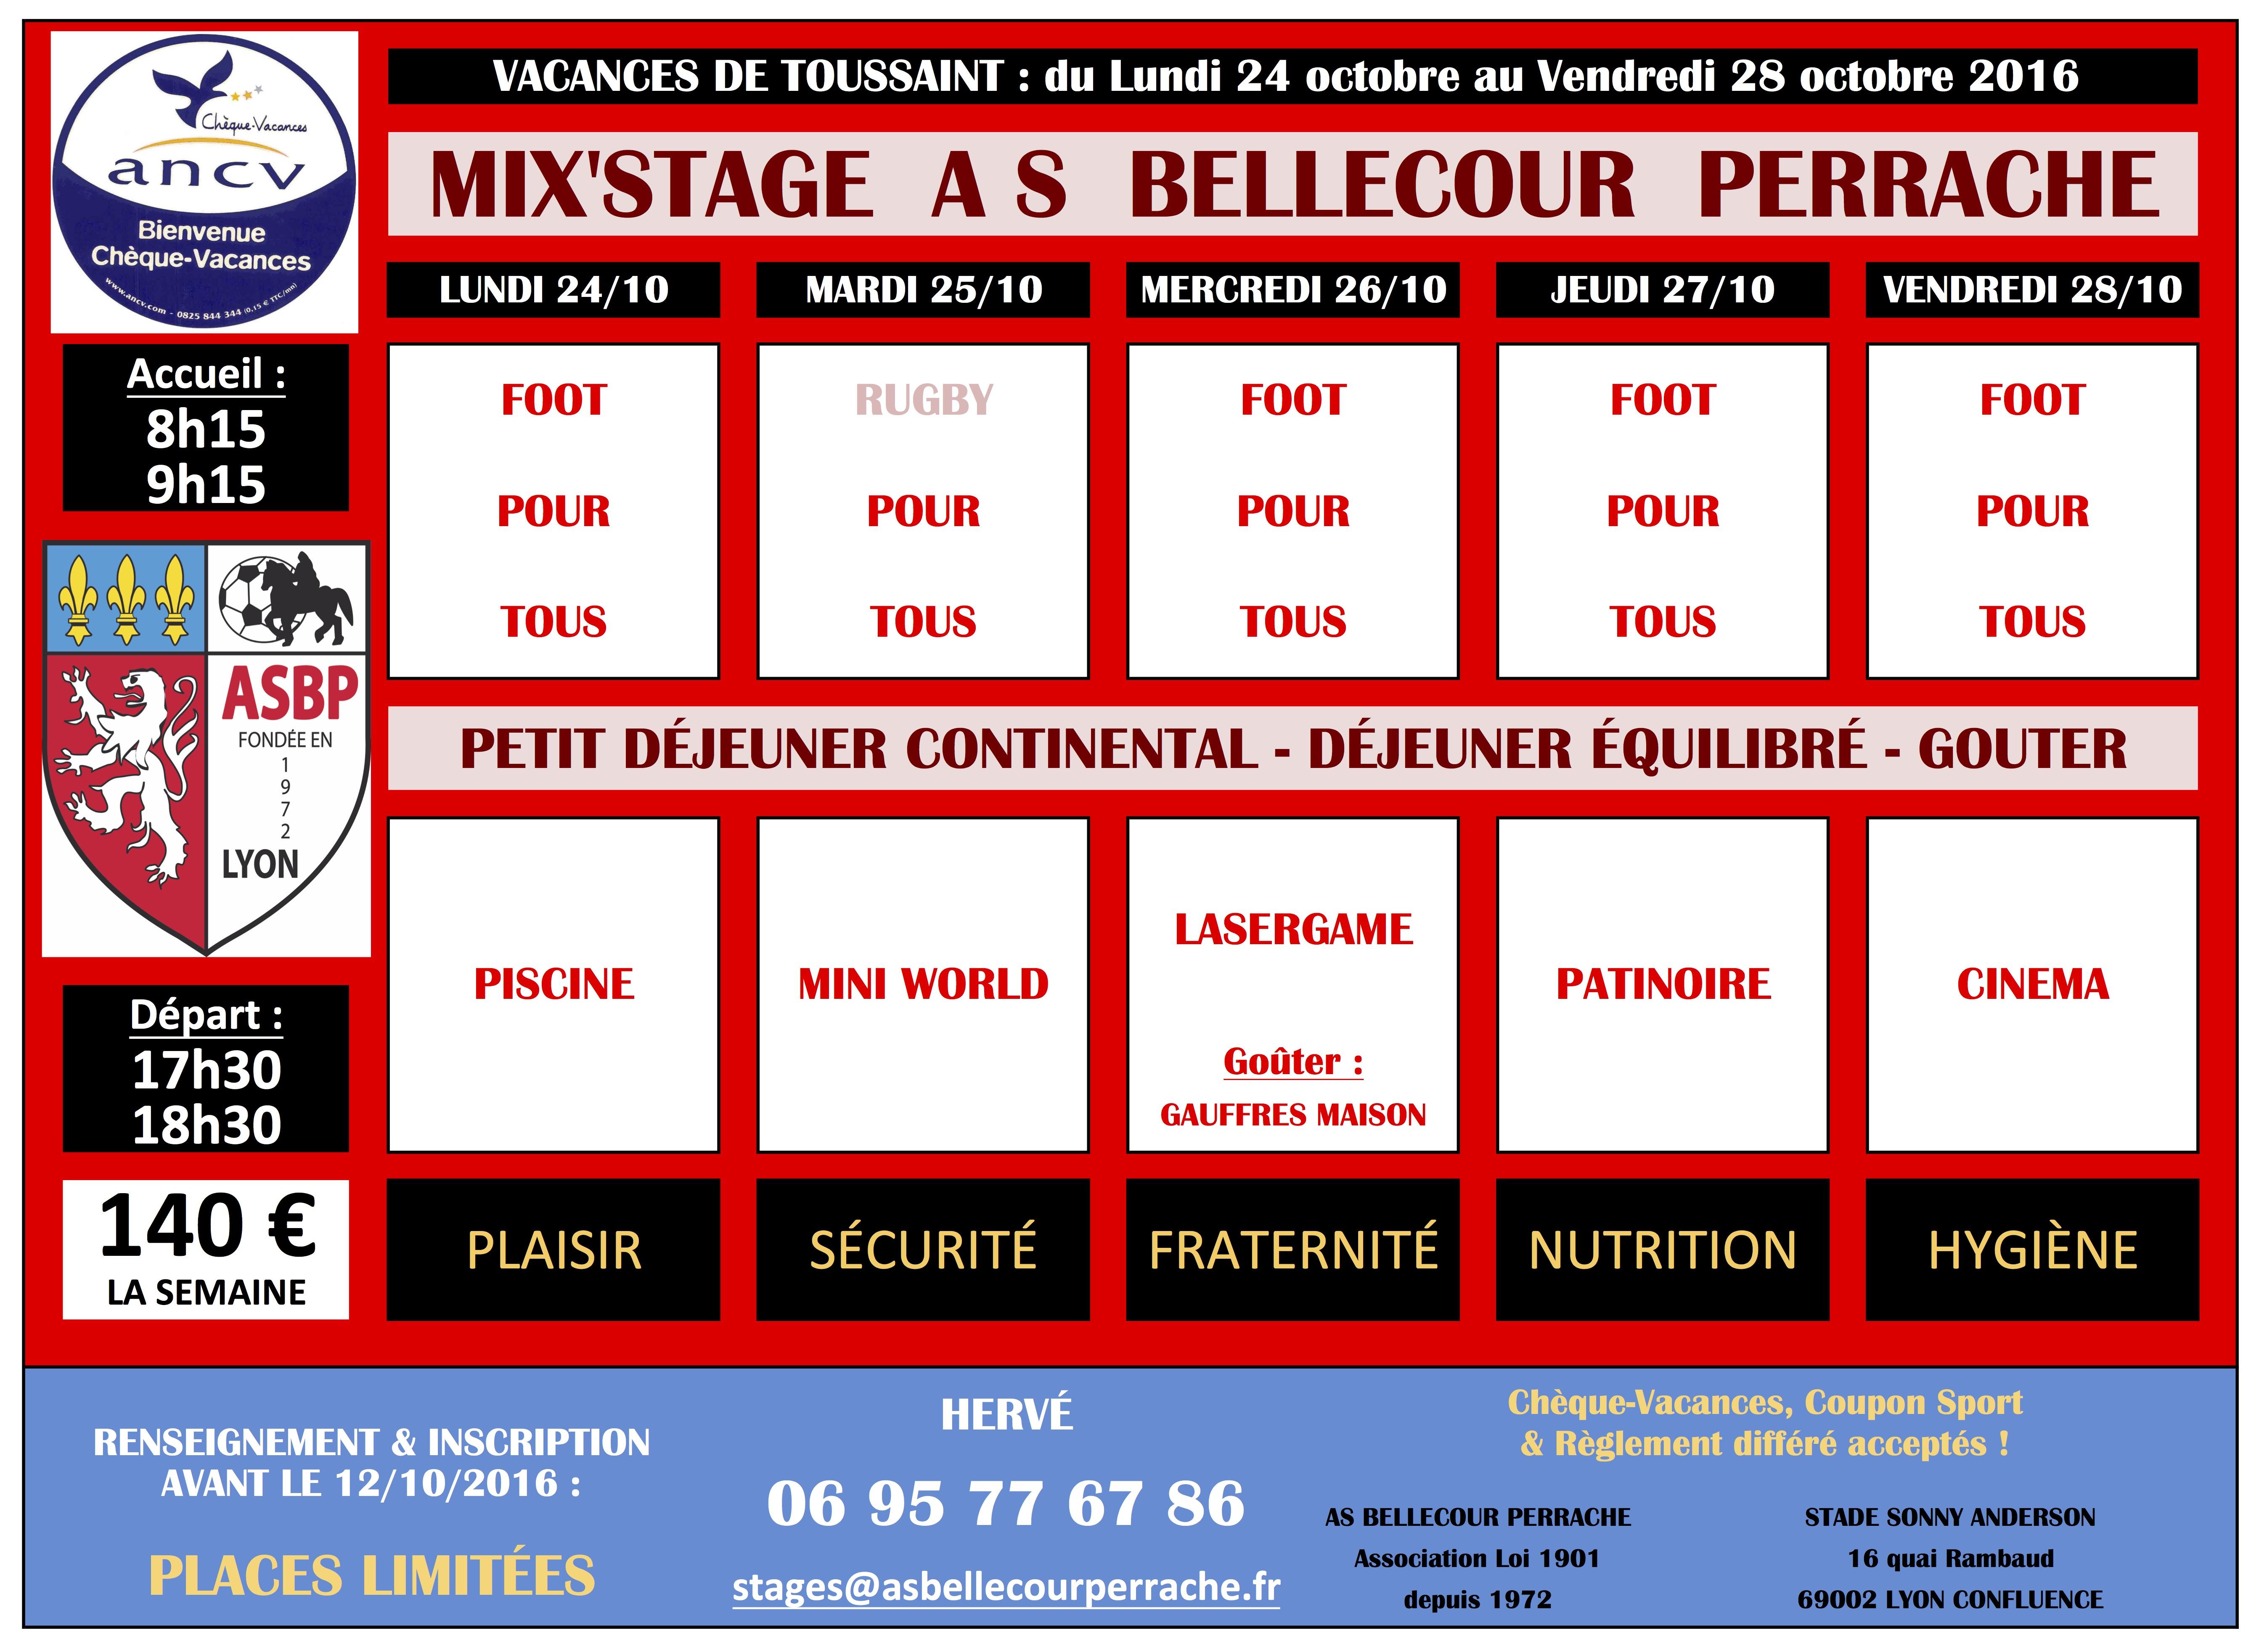 Asbp vie du club 2016 2017 mix 39 stage vacances de la toussaint 2016 - Vacances de la toussaint 2016 ...